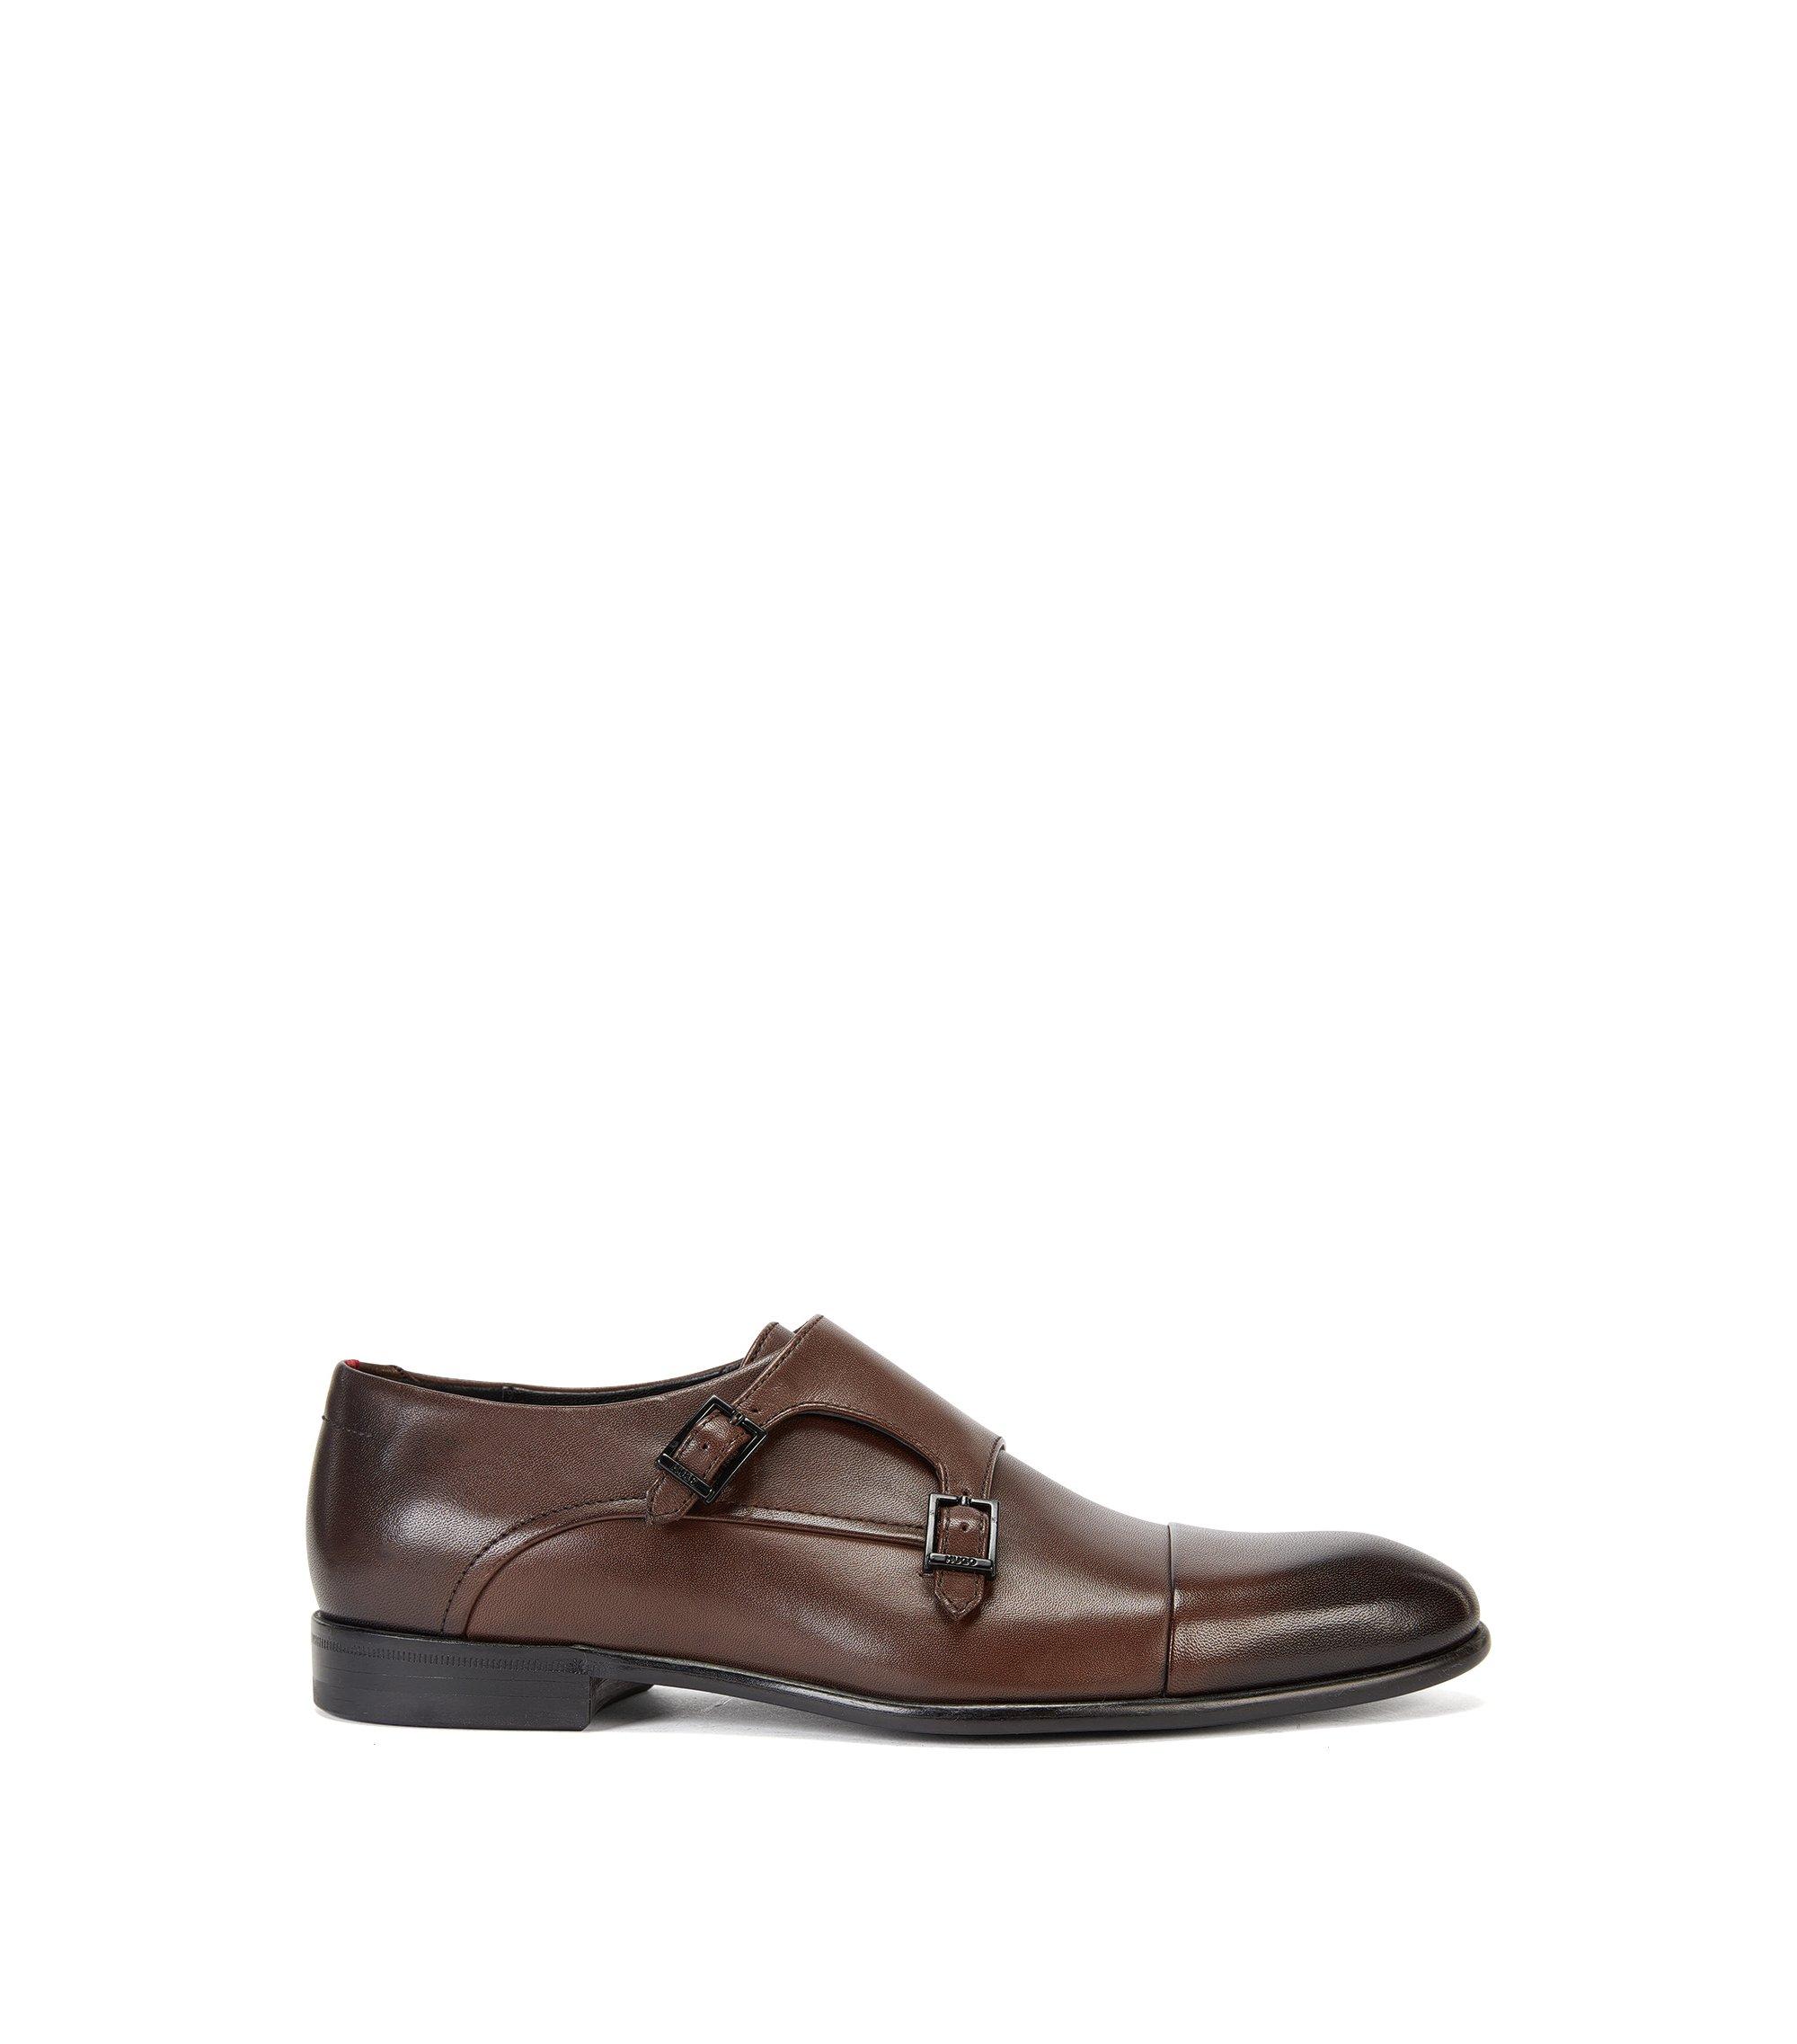 Chaussures à double boucle en cuir vieilli, Marron foncé